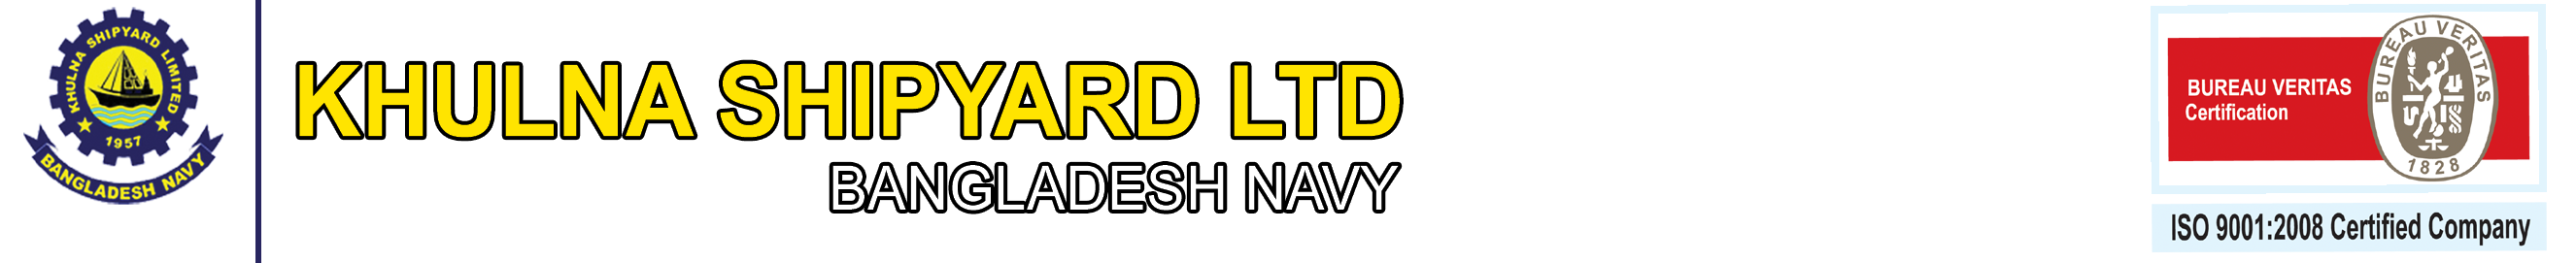 KSY Logo copy